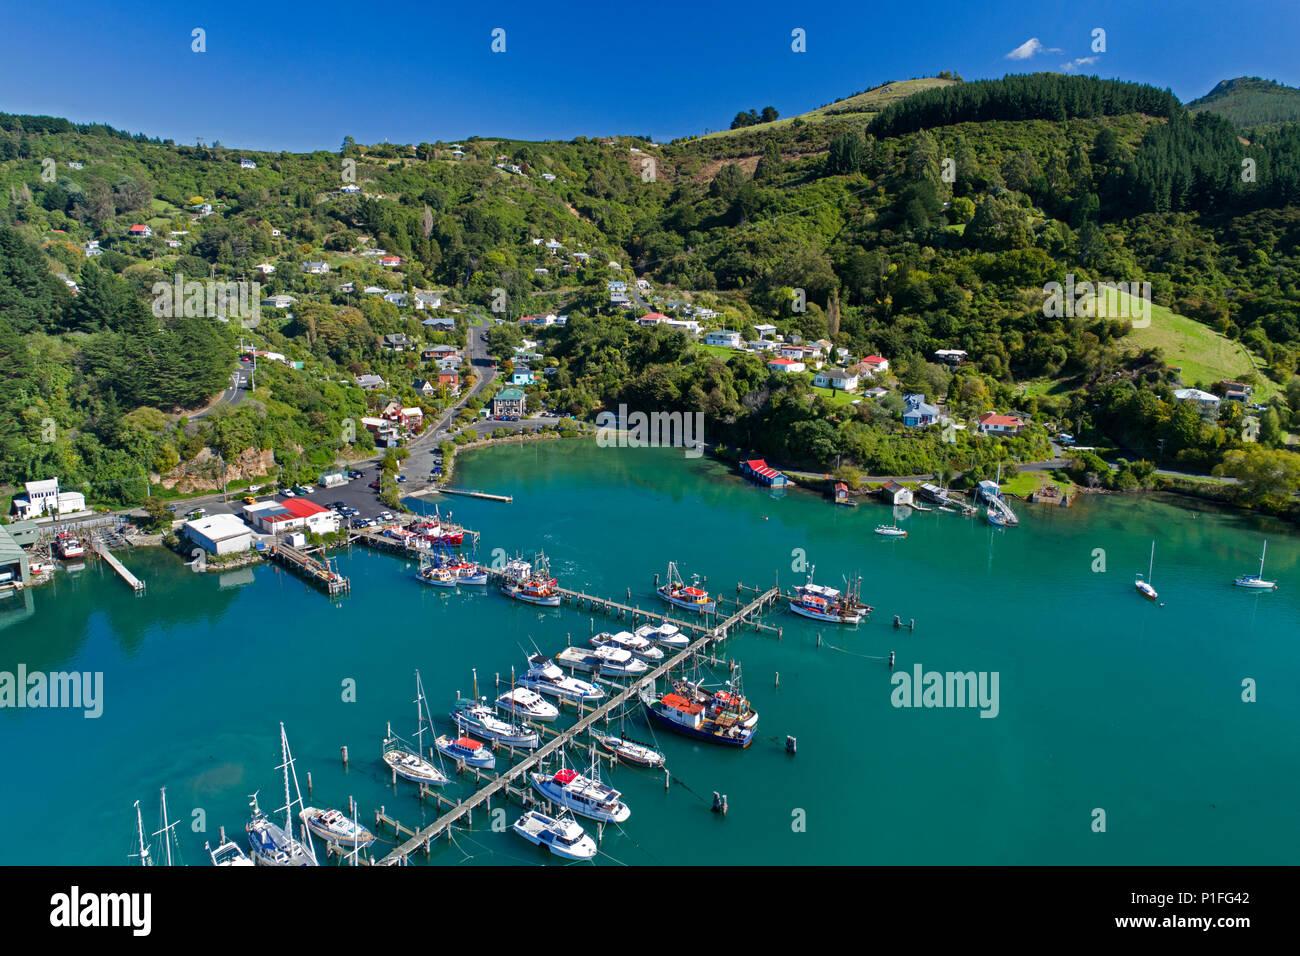 Fischerboote am Carey's Bay Wharf und Otago Hafen, Port Chalmers, Dunedin, Otago, Südinsel, Neuseeland - drone Antenne Stockbild